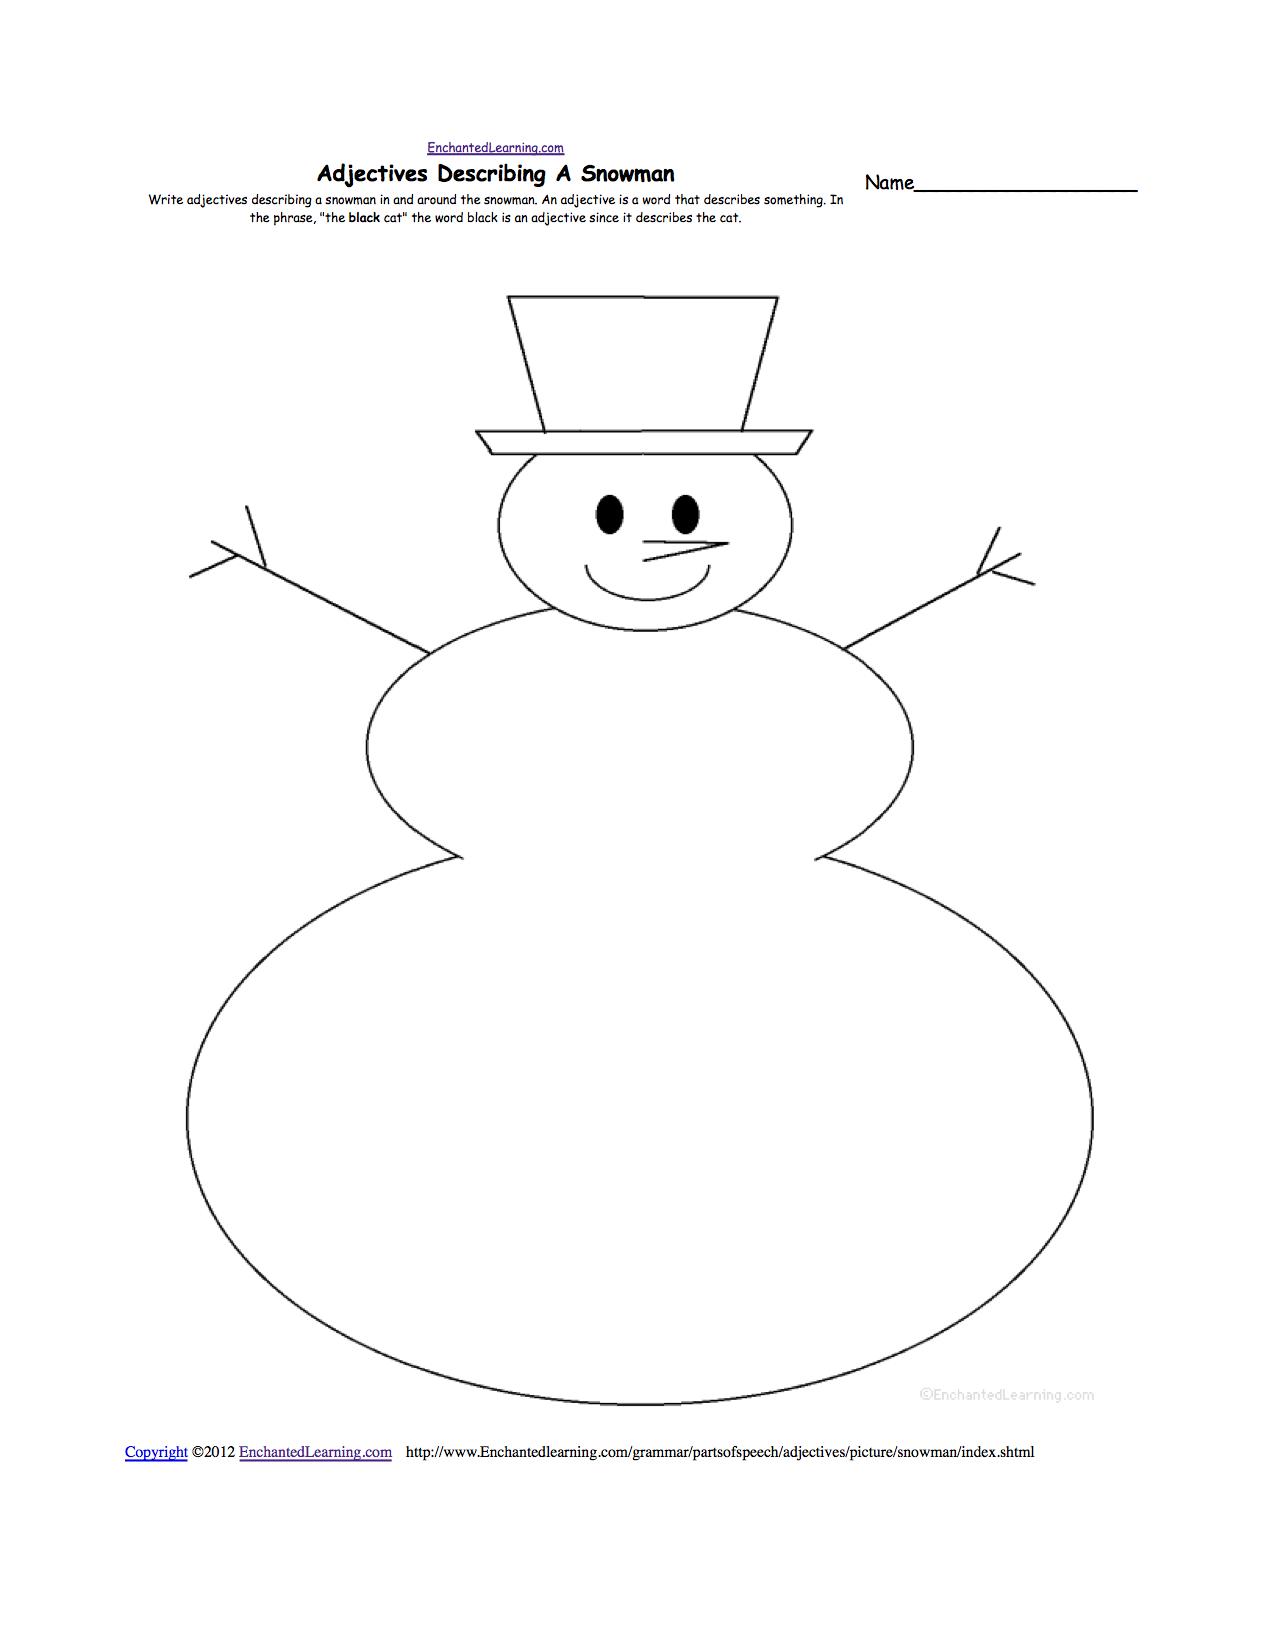 Adjectives Describing A Snowman